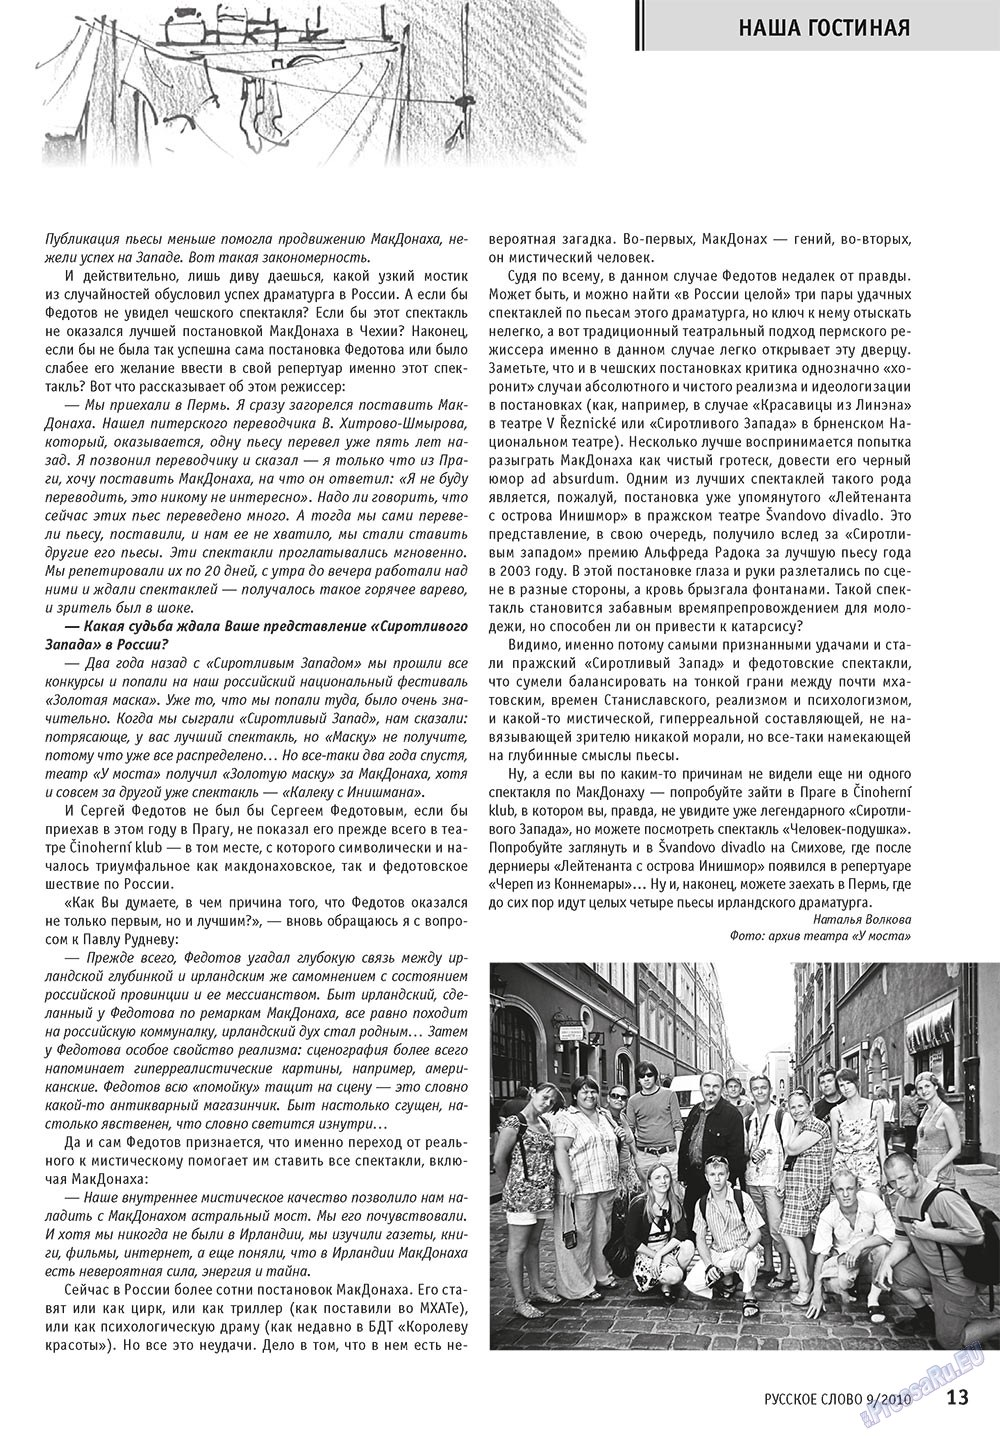 Русское слово (журнал). 2010 год, номер 9, стр. 15